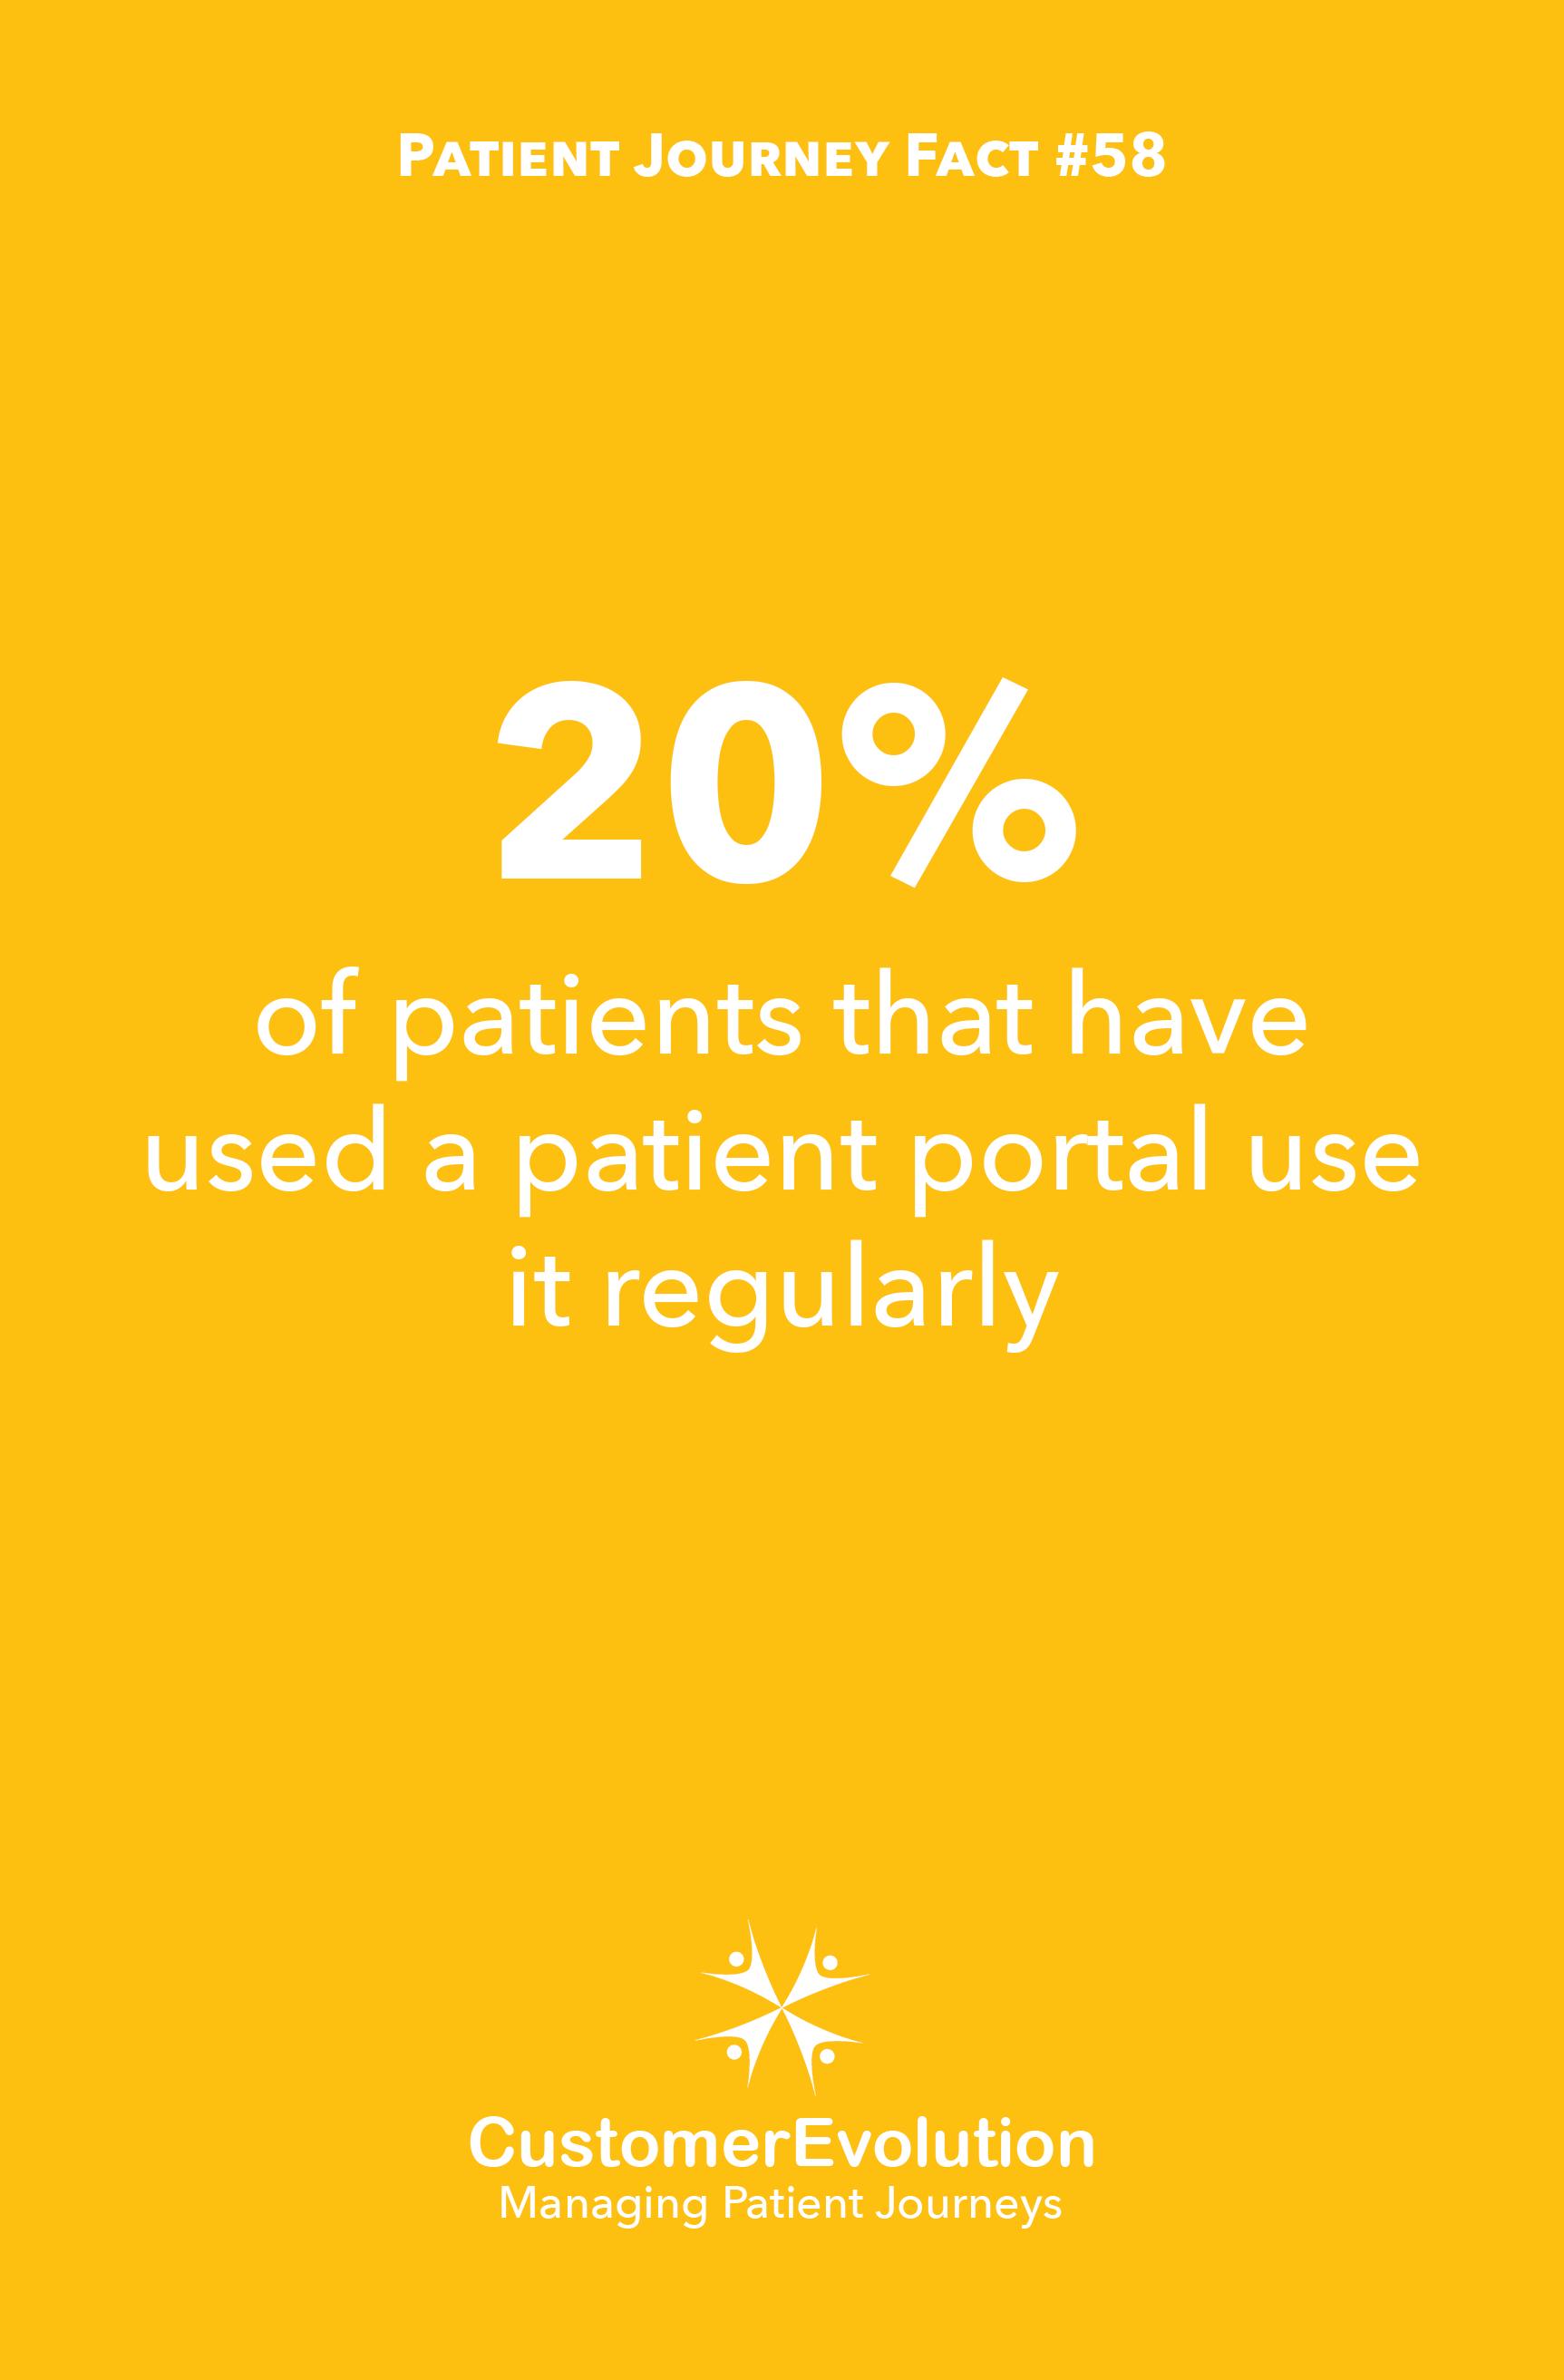 Patient Journey Fact #58